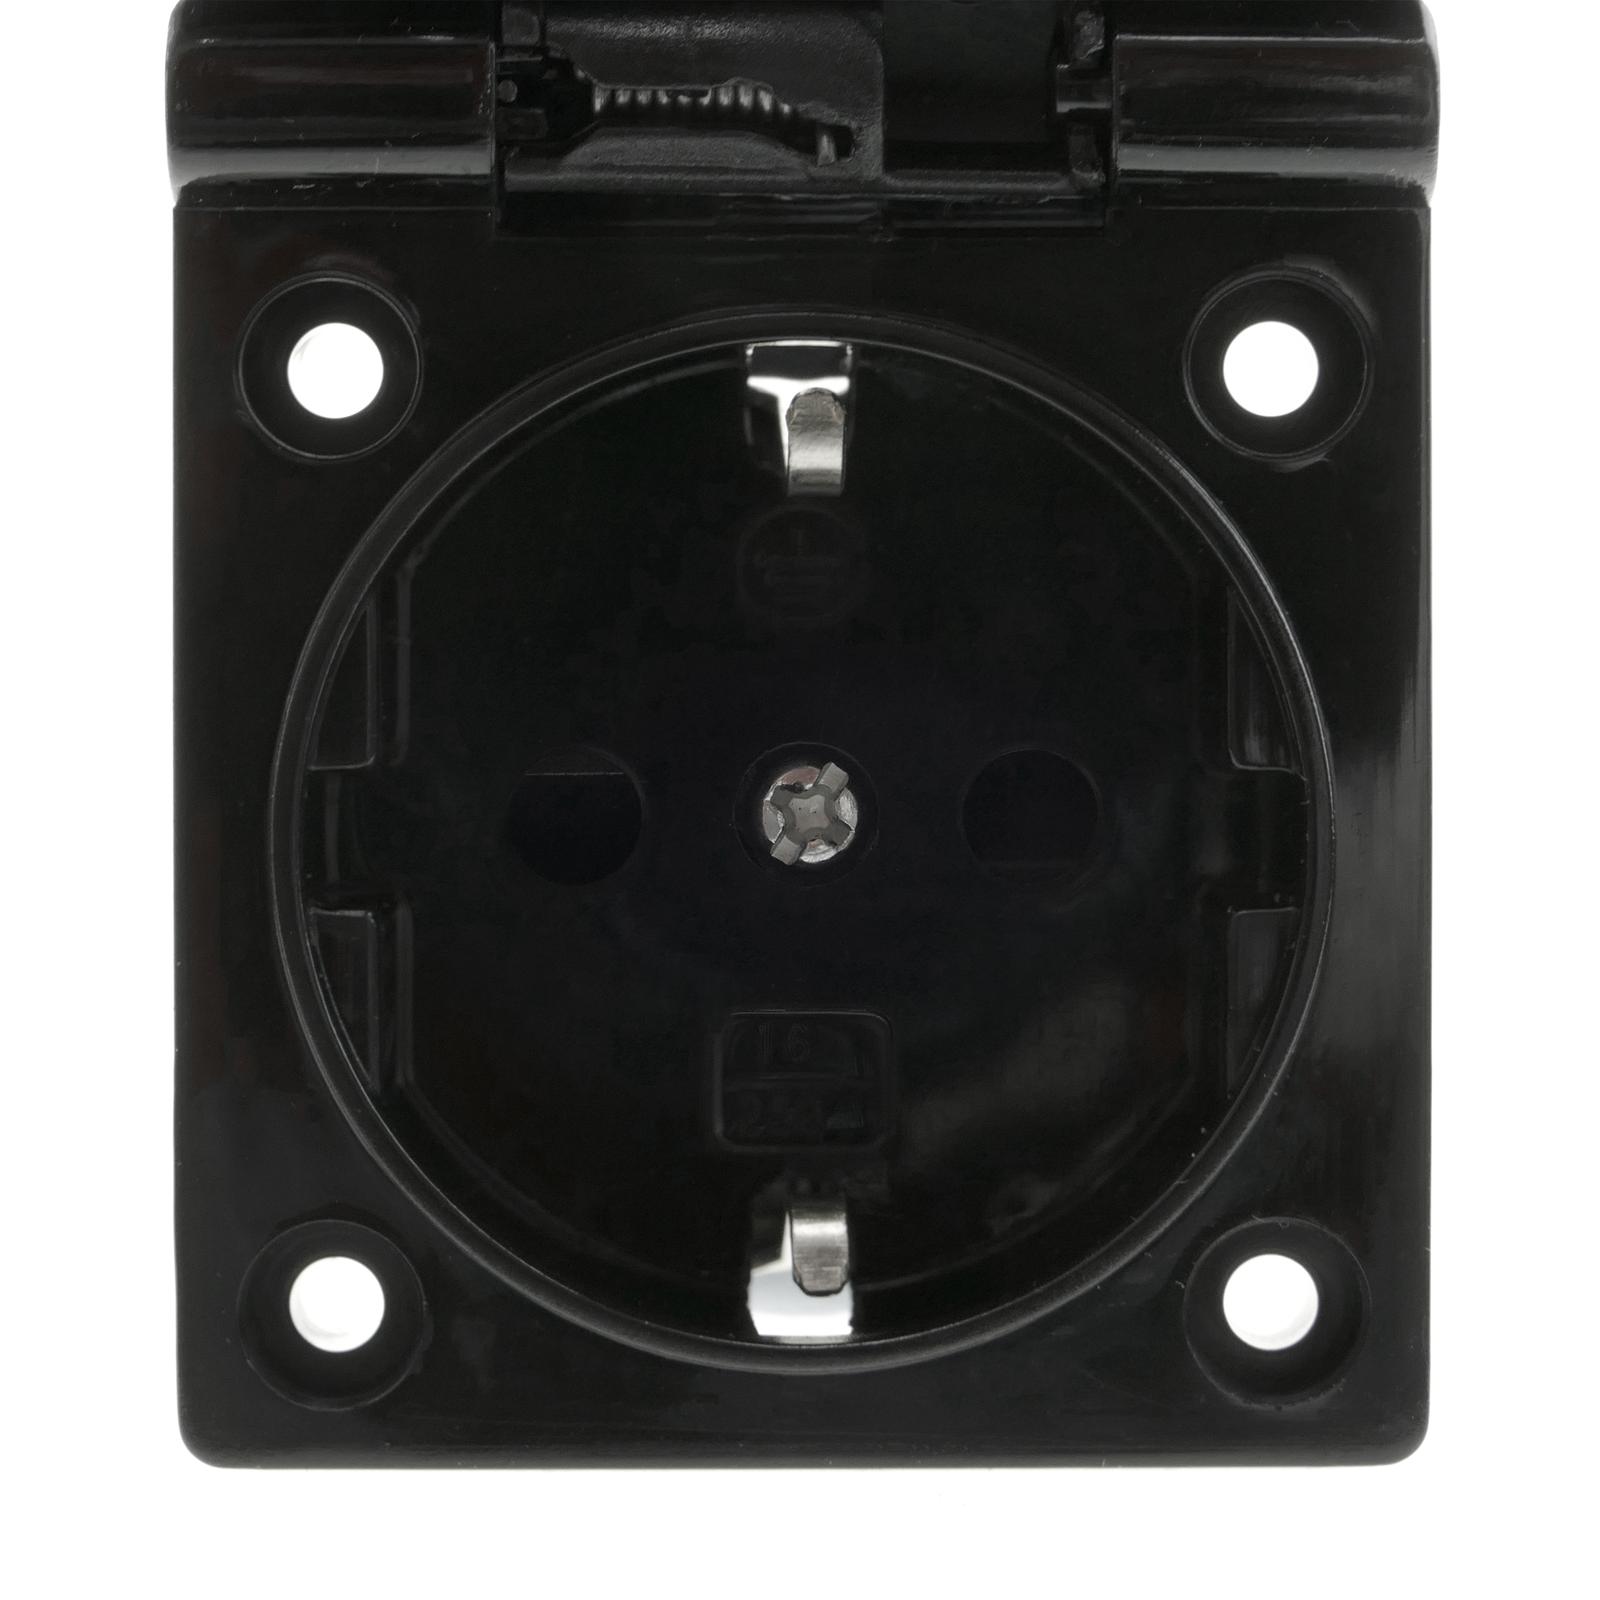 BERKER Schuko-Double-prise de courant m34370 Gris Foncé//Jaune